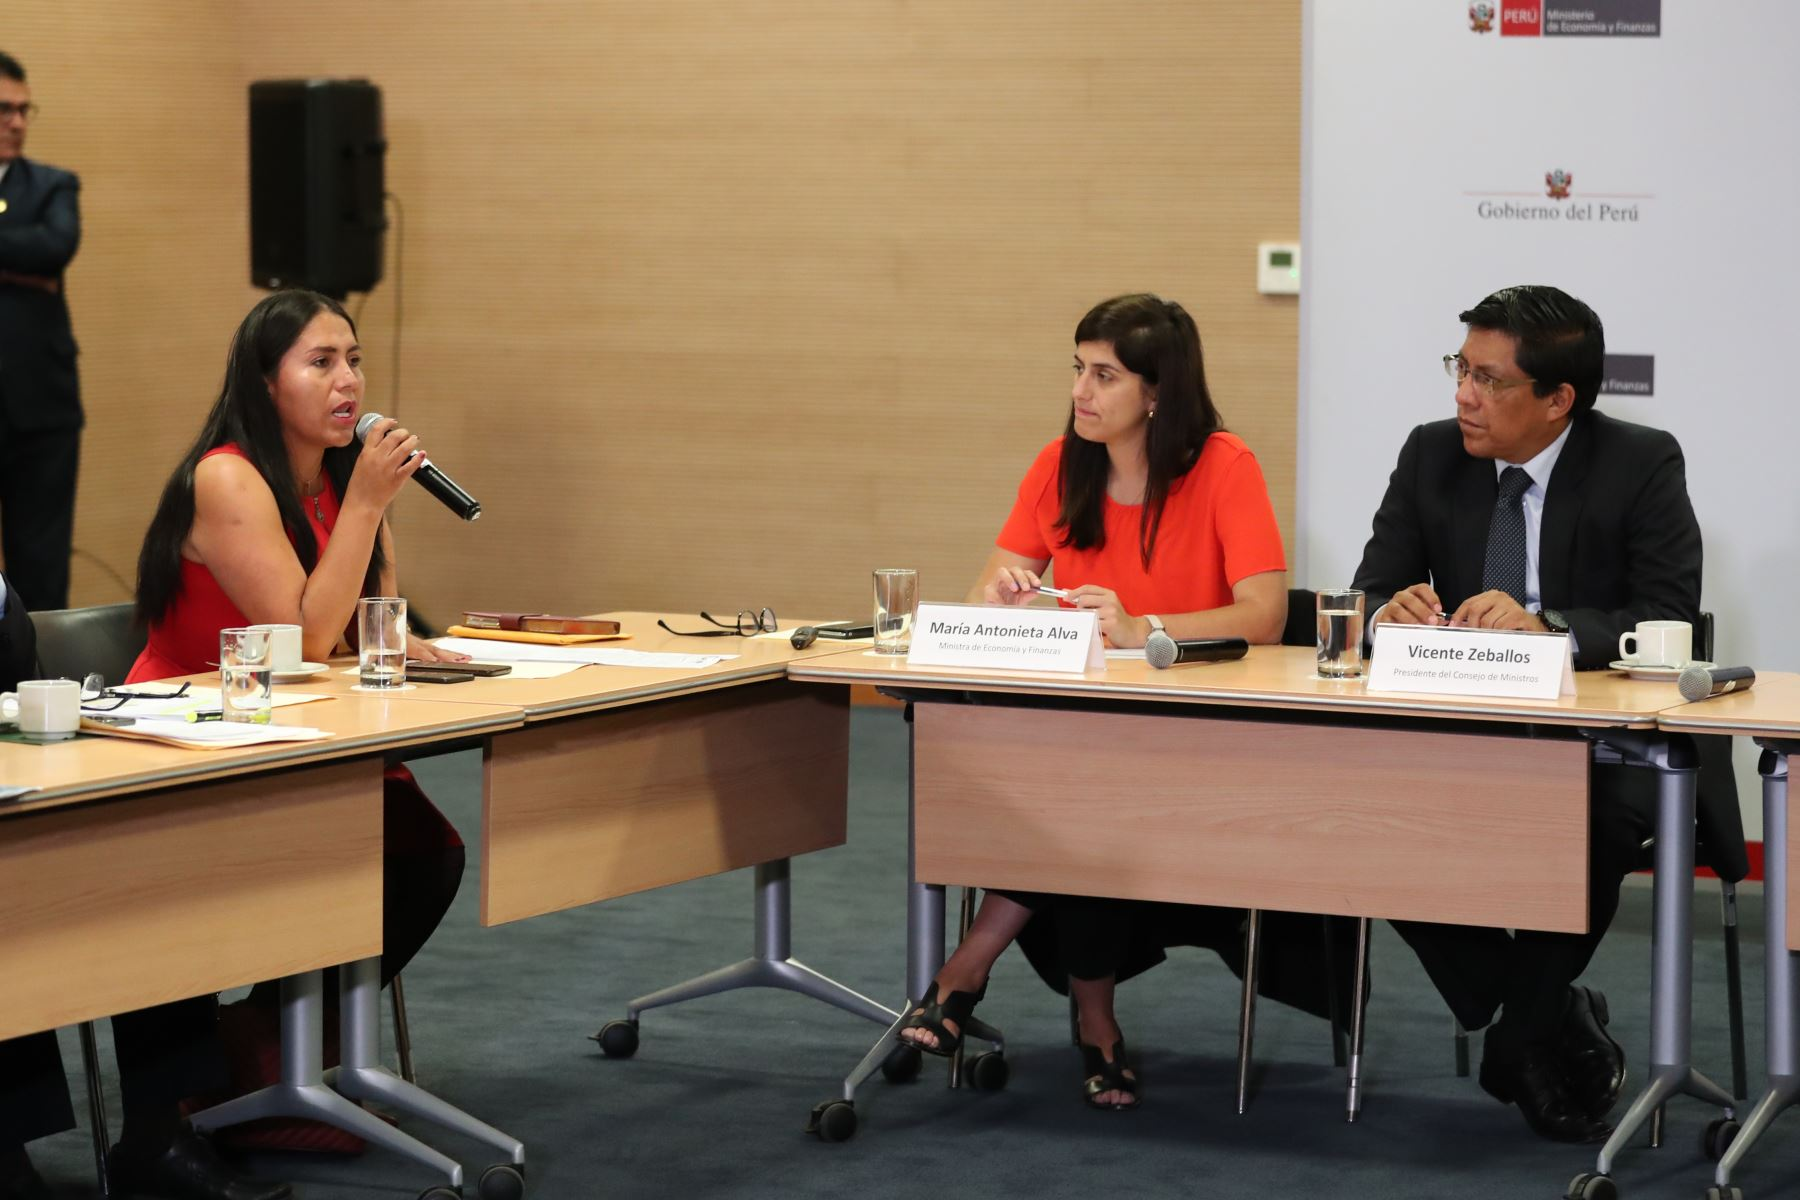 El presidente del Consejo de Ministros , Vicente Zeballos, participa en reunión de trabajo con alcaldes de la Red de Municipalidades Urbanas y Rurales del Perú - REMURPE. Foto: PCM